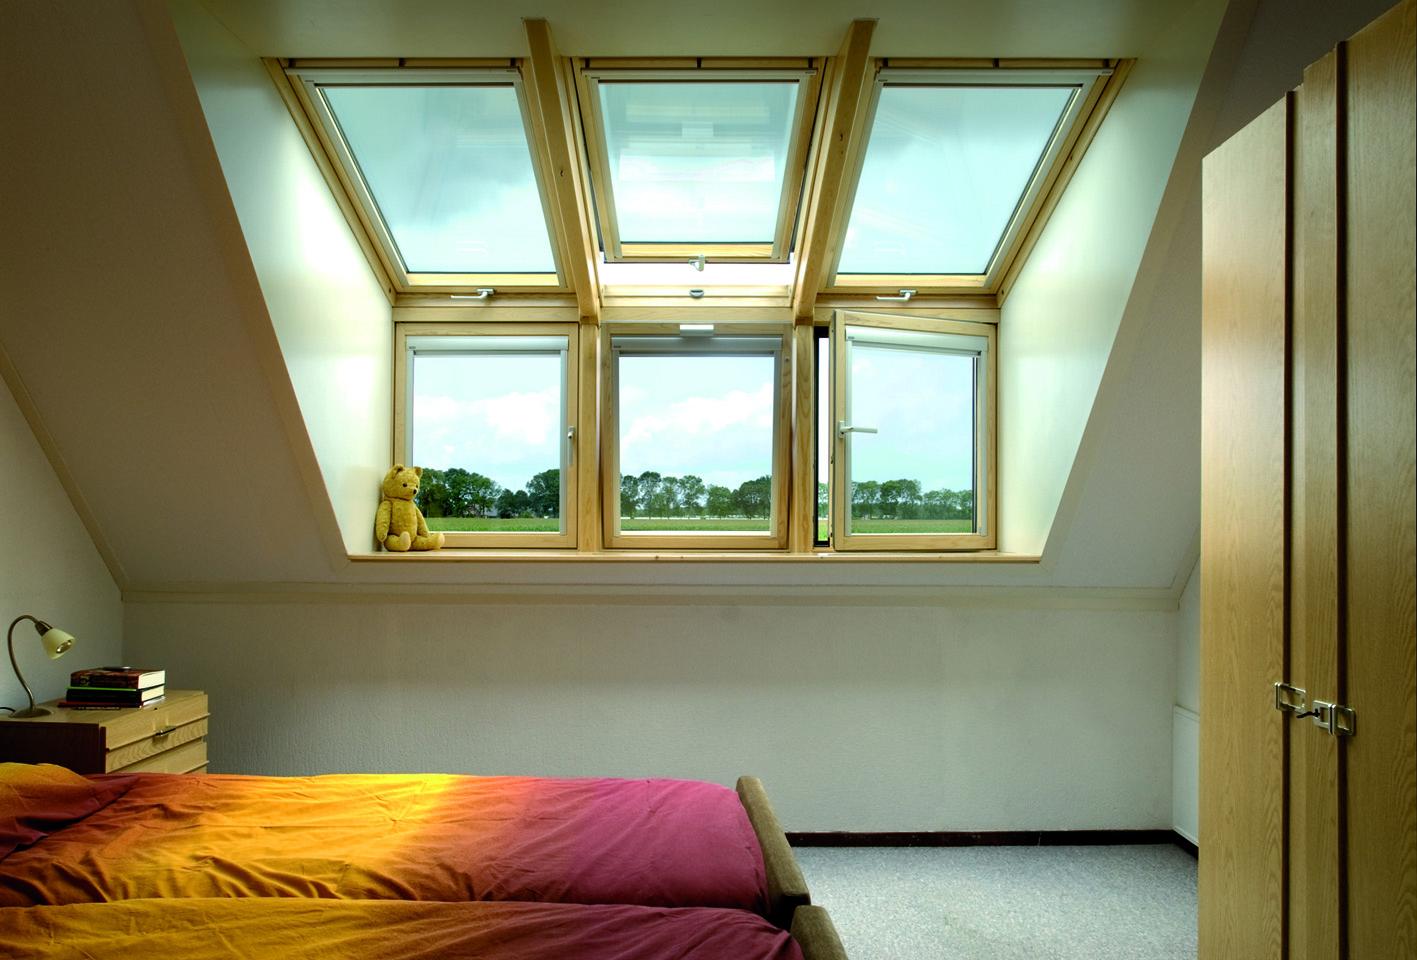 Daglichtsystemen zeer volwaardig alternatief voor de dakkapel